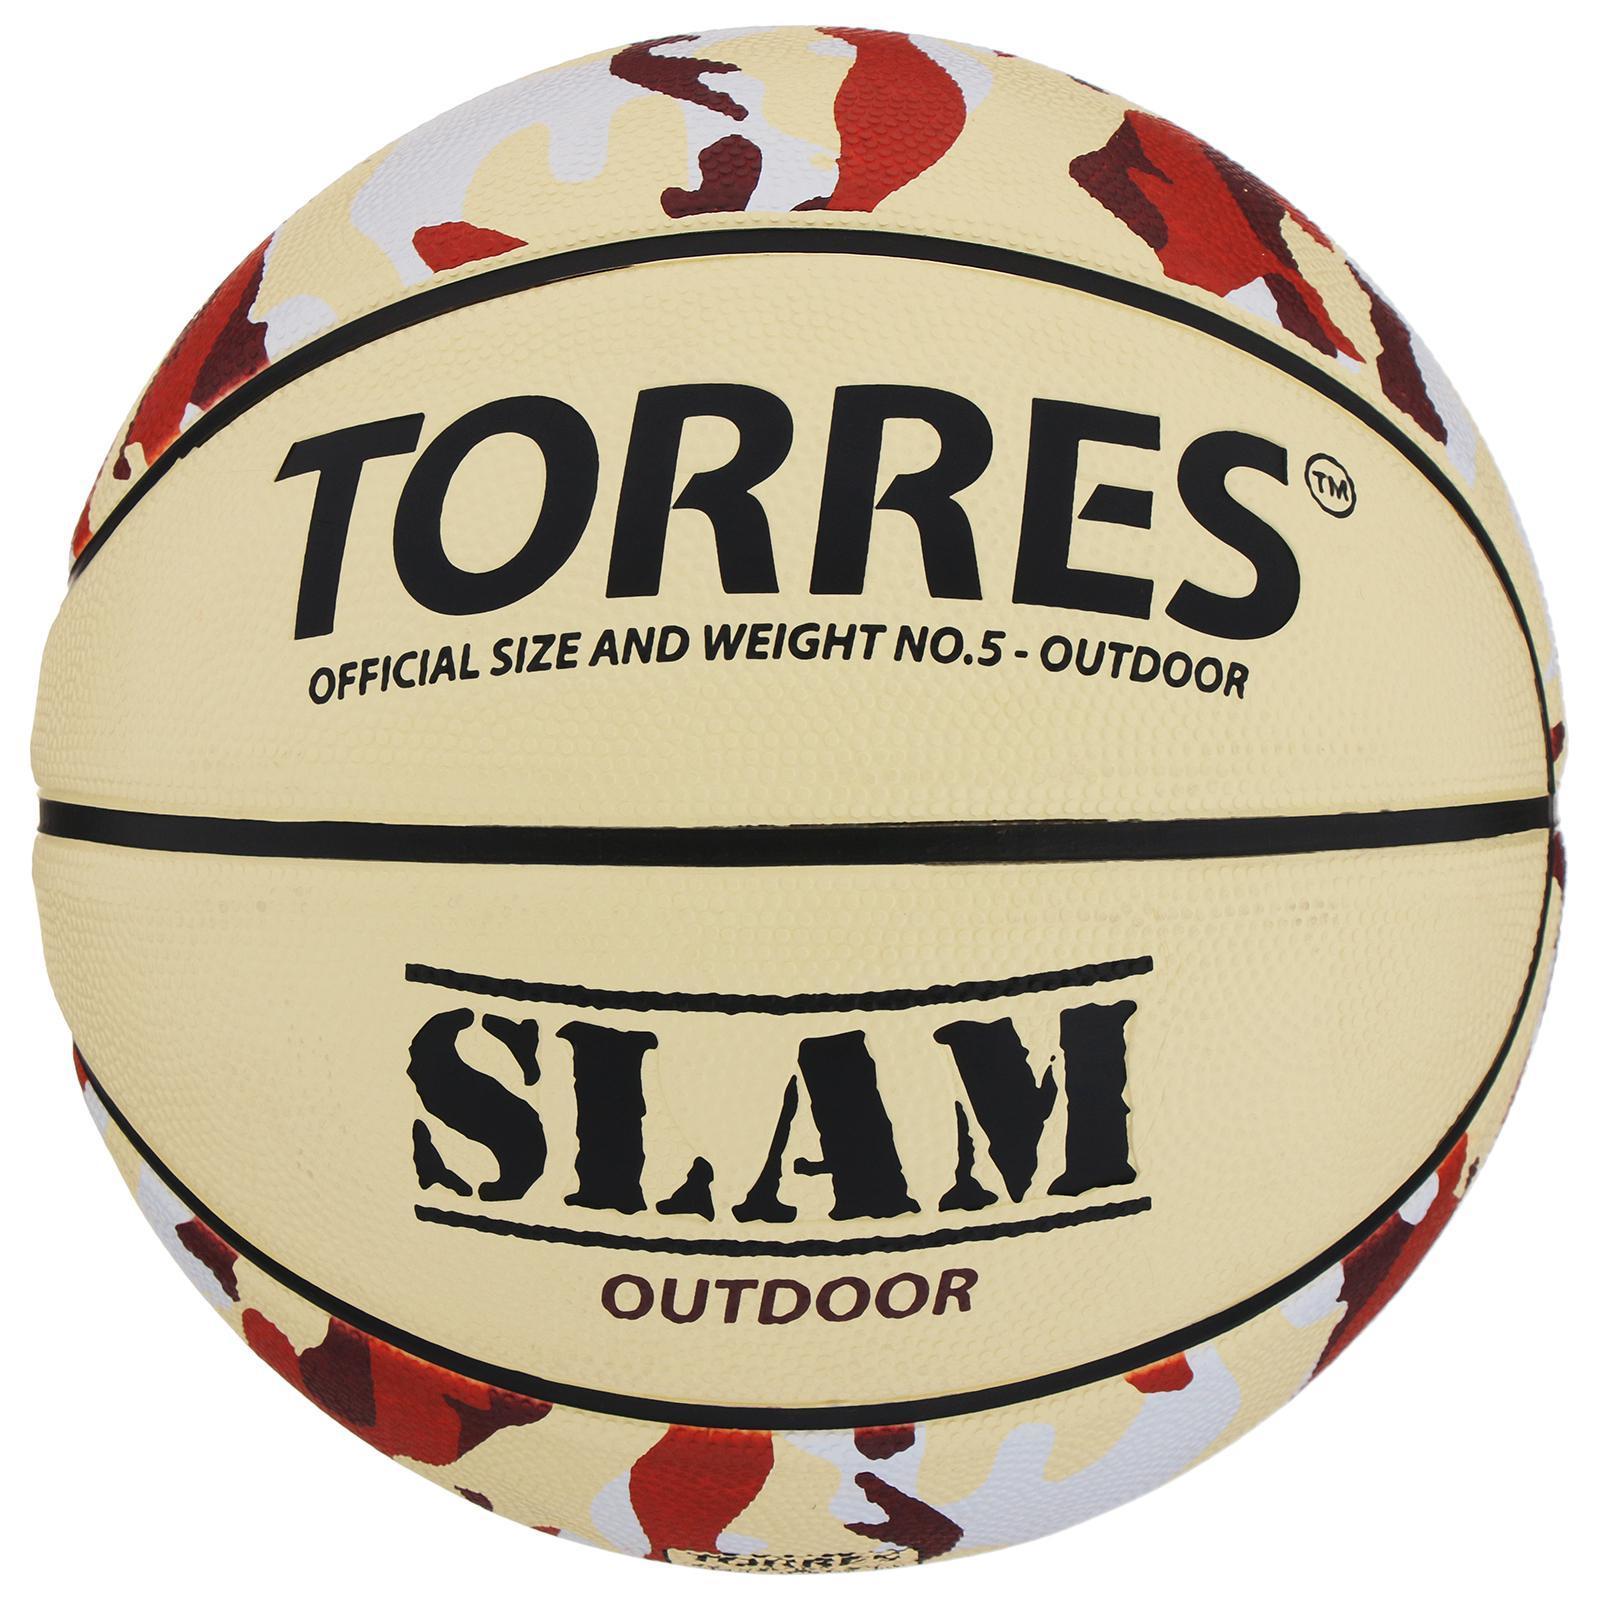 6538da79 Мяч баскетбольный Torres Slam, B00065, размер 5 (856721) - Купить по ...